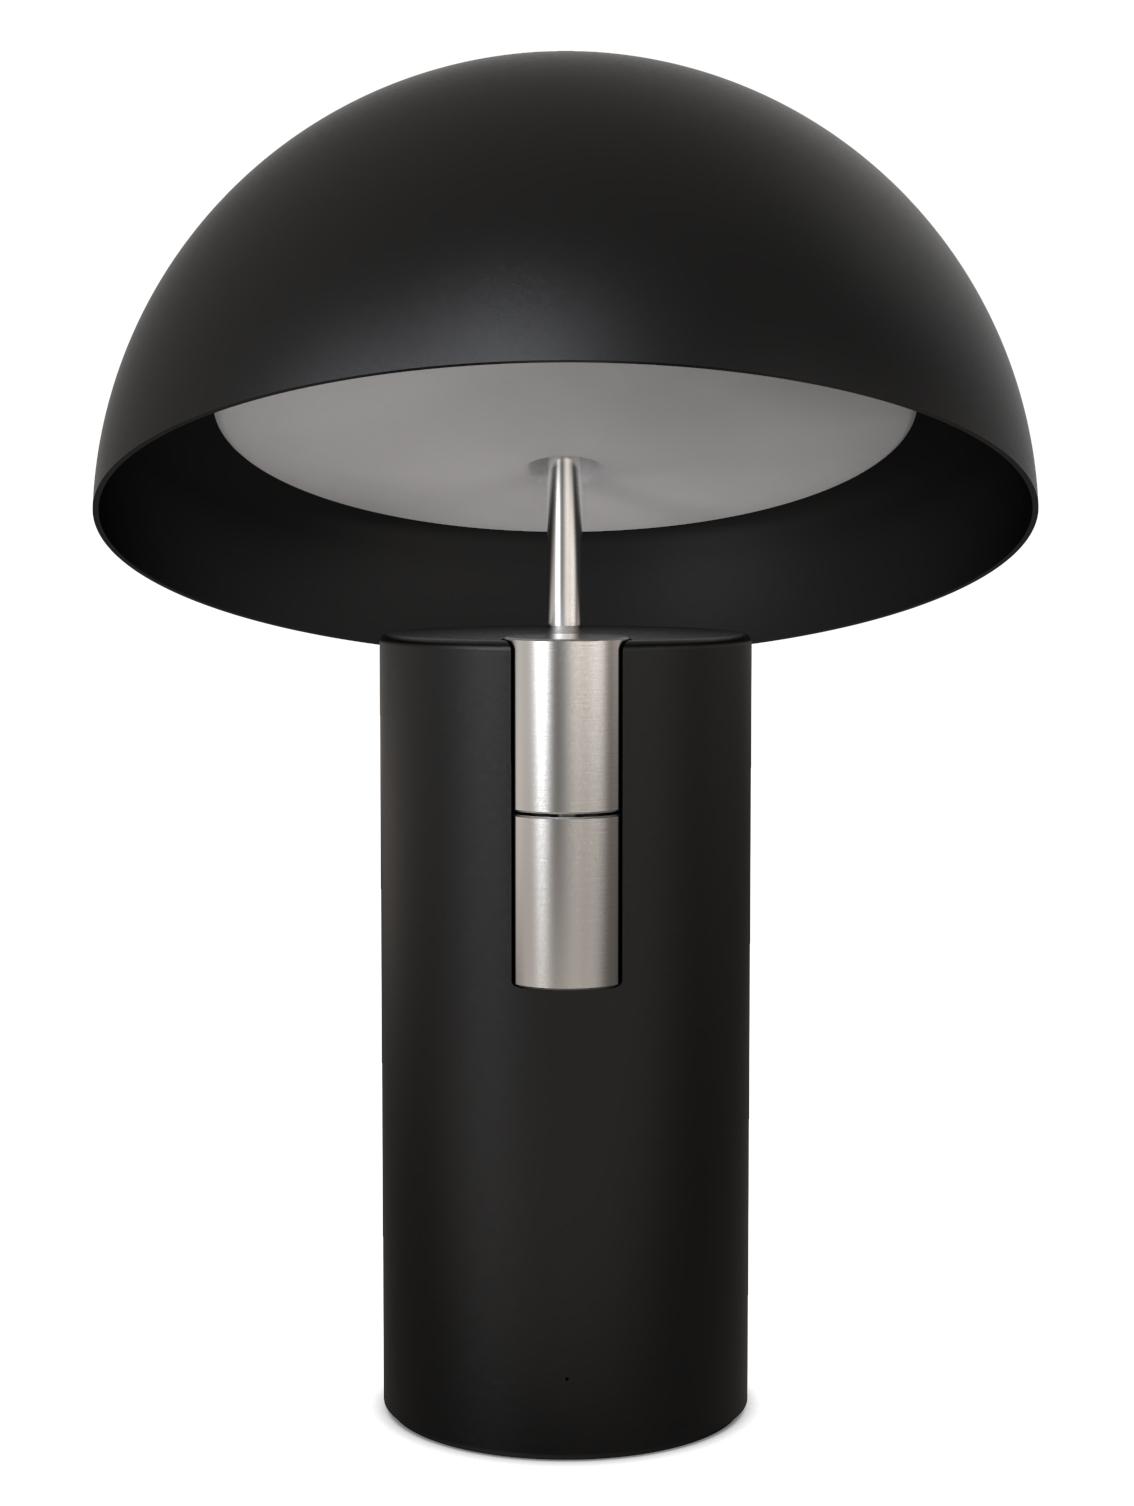 Alto - La lampe de chevet - Noir c'est noir - Jaune Fabrique